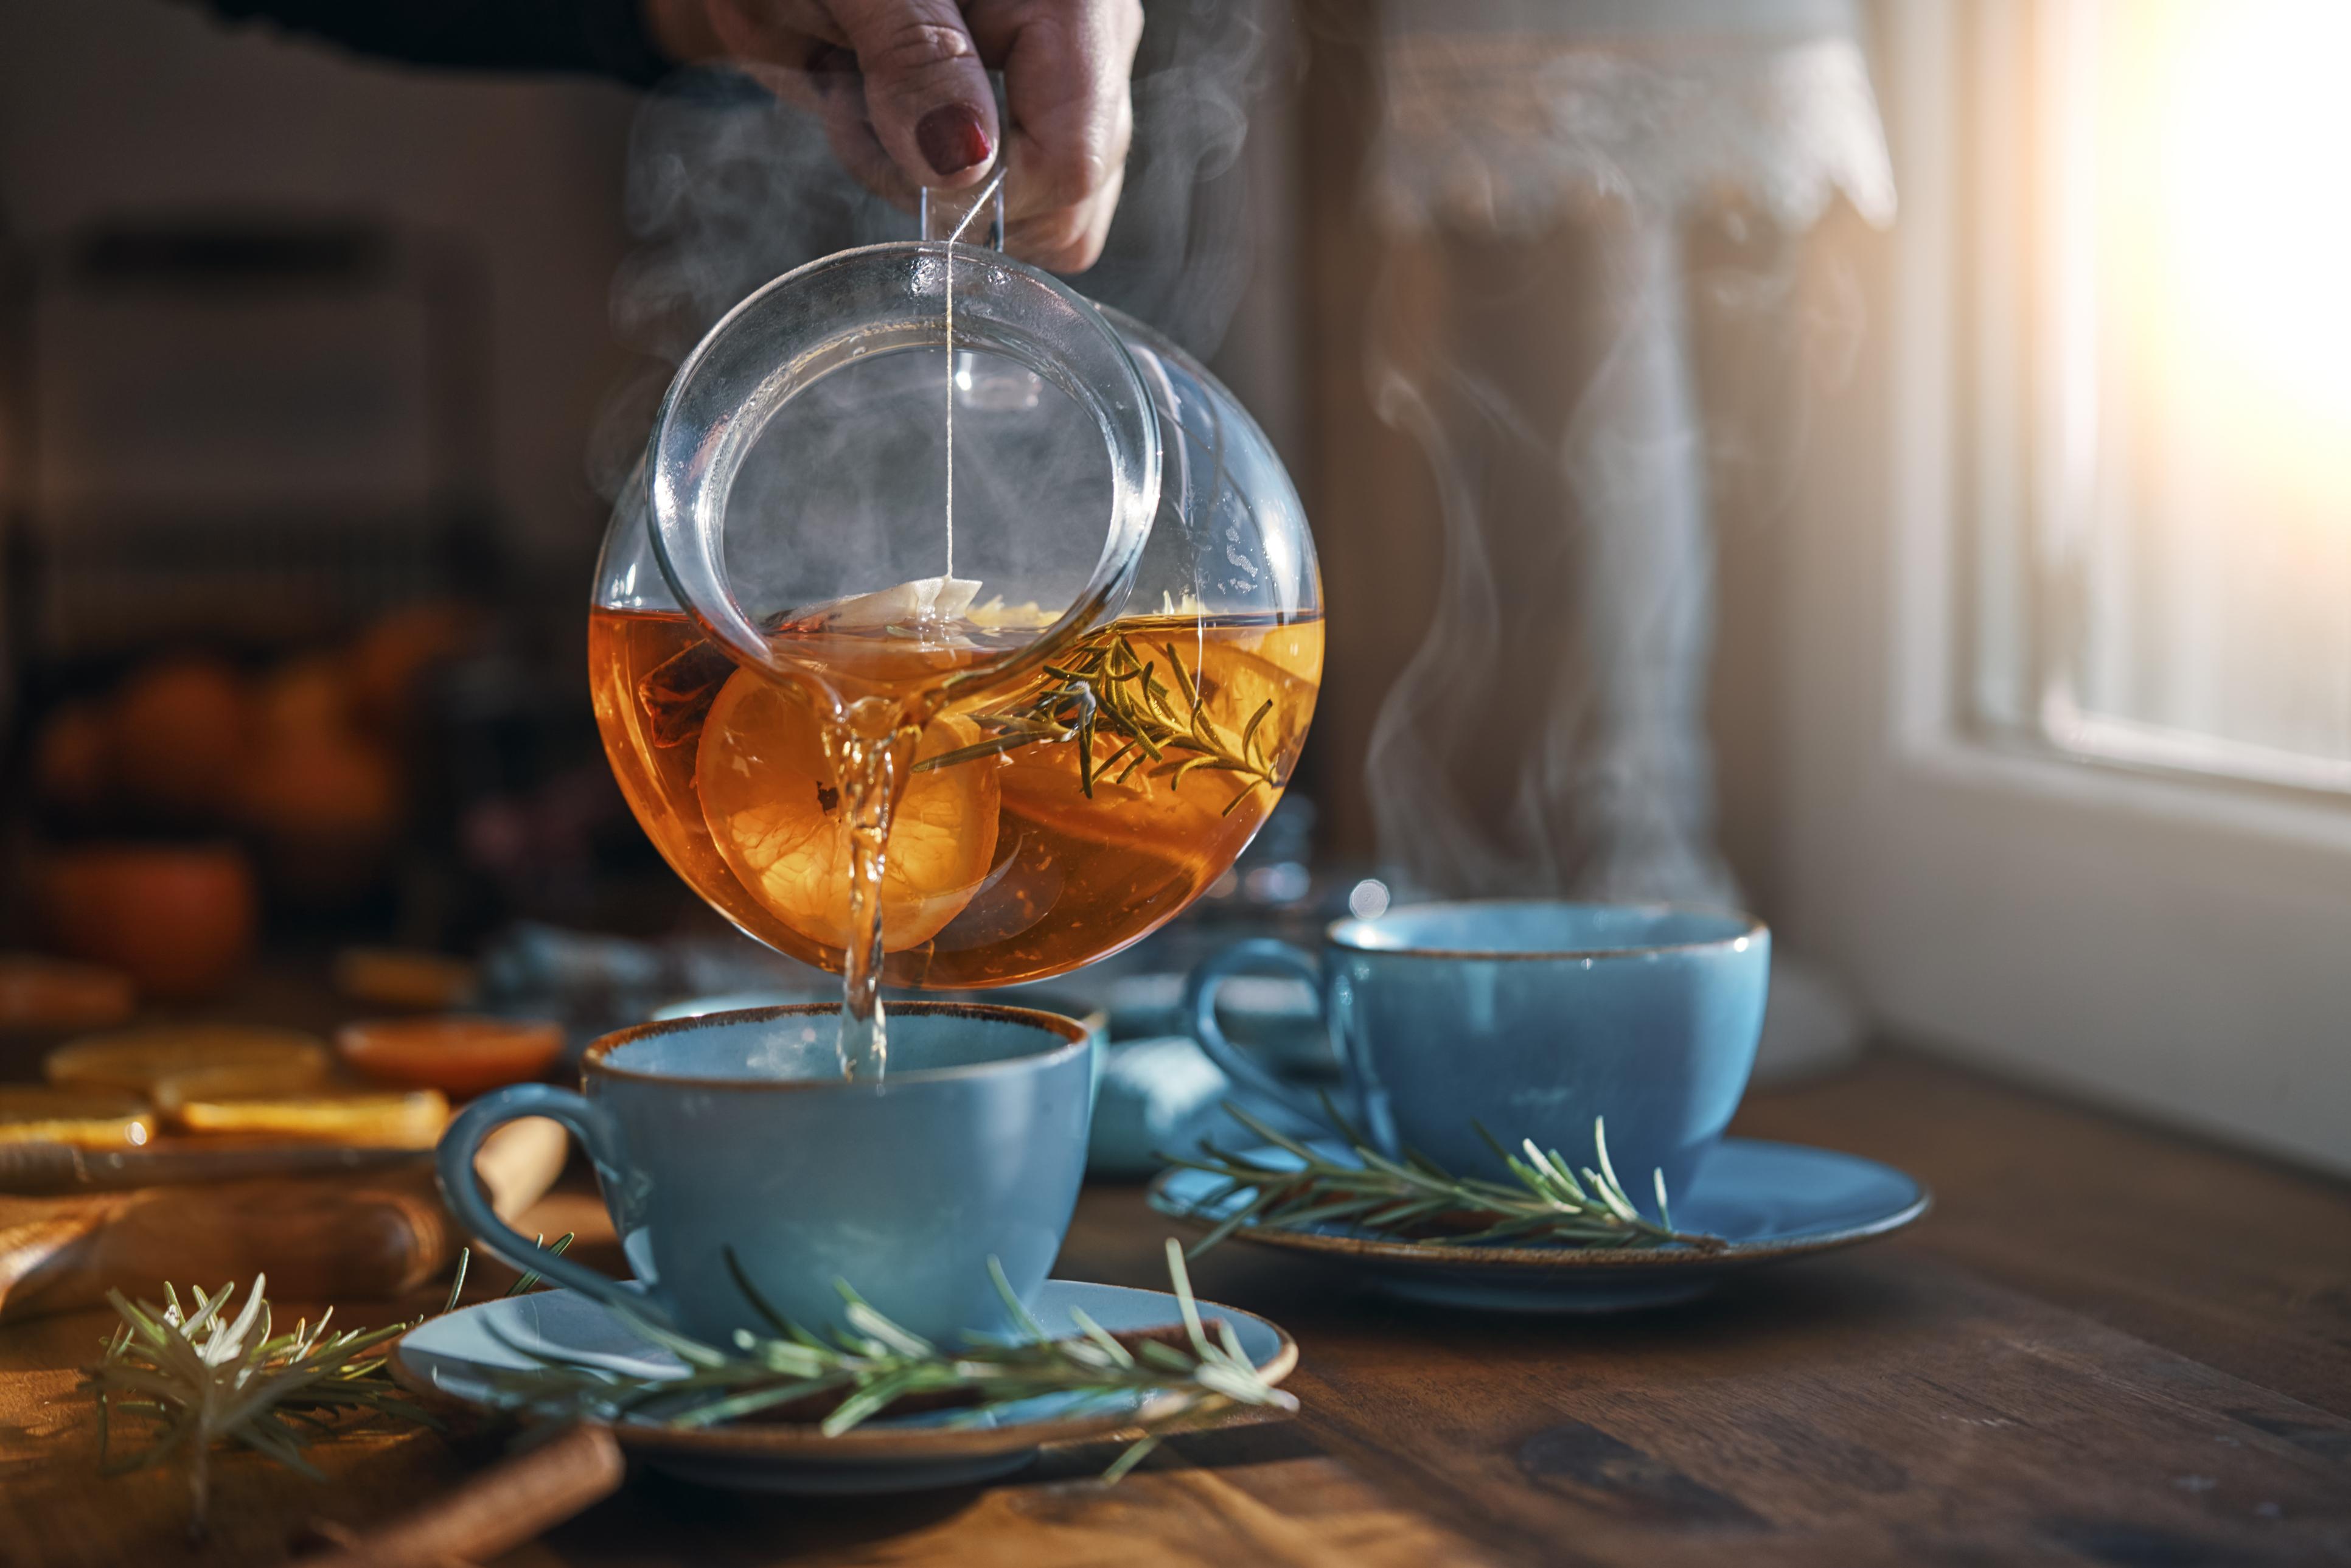 <p><strong>Ще приемете повече фитонутриенти</strong></p>  <p>Чаят е пълен с хранителни вещества, които не можете да си набавите с други напитки. Фитонутриентите са обичайни растителни хранителни вещества, които подпомагат човешкото здраве по много различни начини. Те действат като антиоксиданти, помагат срещу алергии, намаляват риска от някои видове рак.</p>